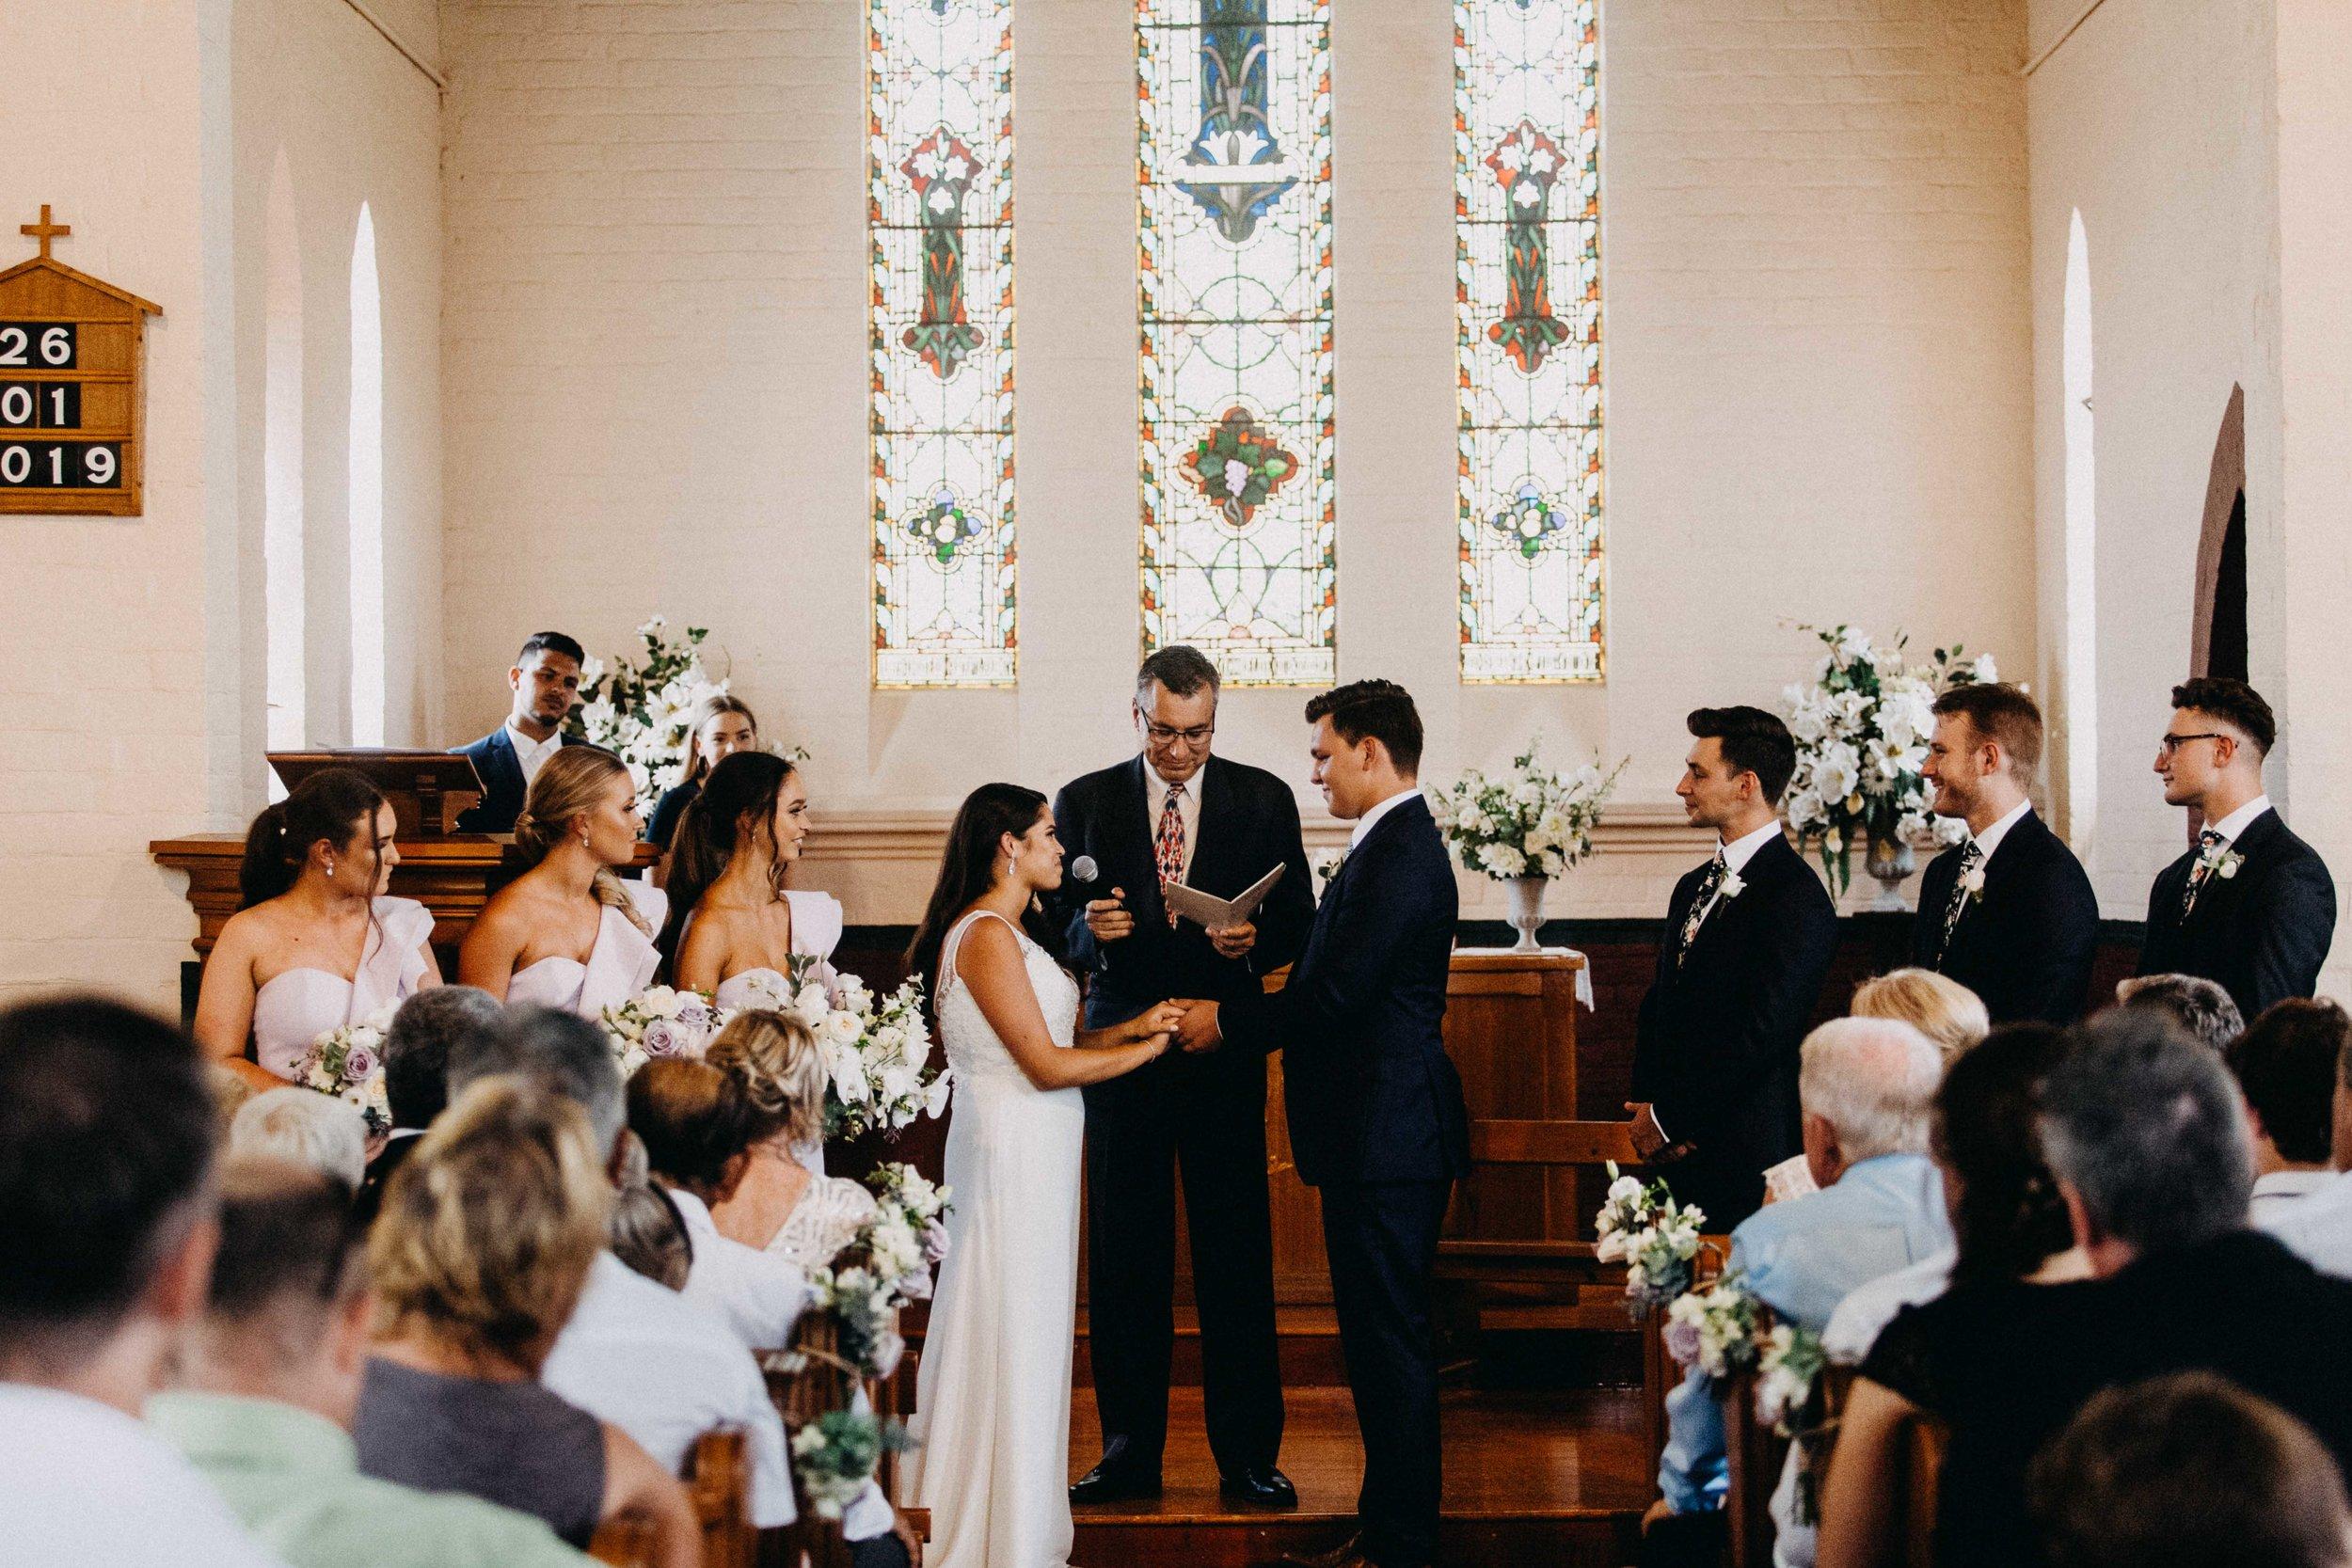 www.emilyobrienphotography.net-belgenny-farm-wedding-camden-photography-maddie-andrzej-93.jpg